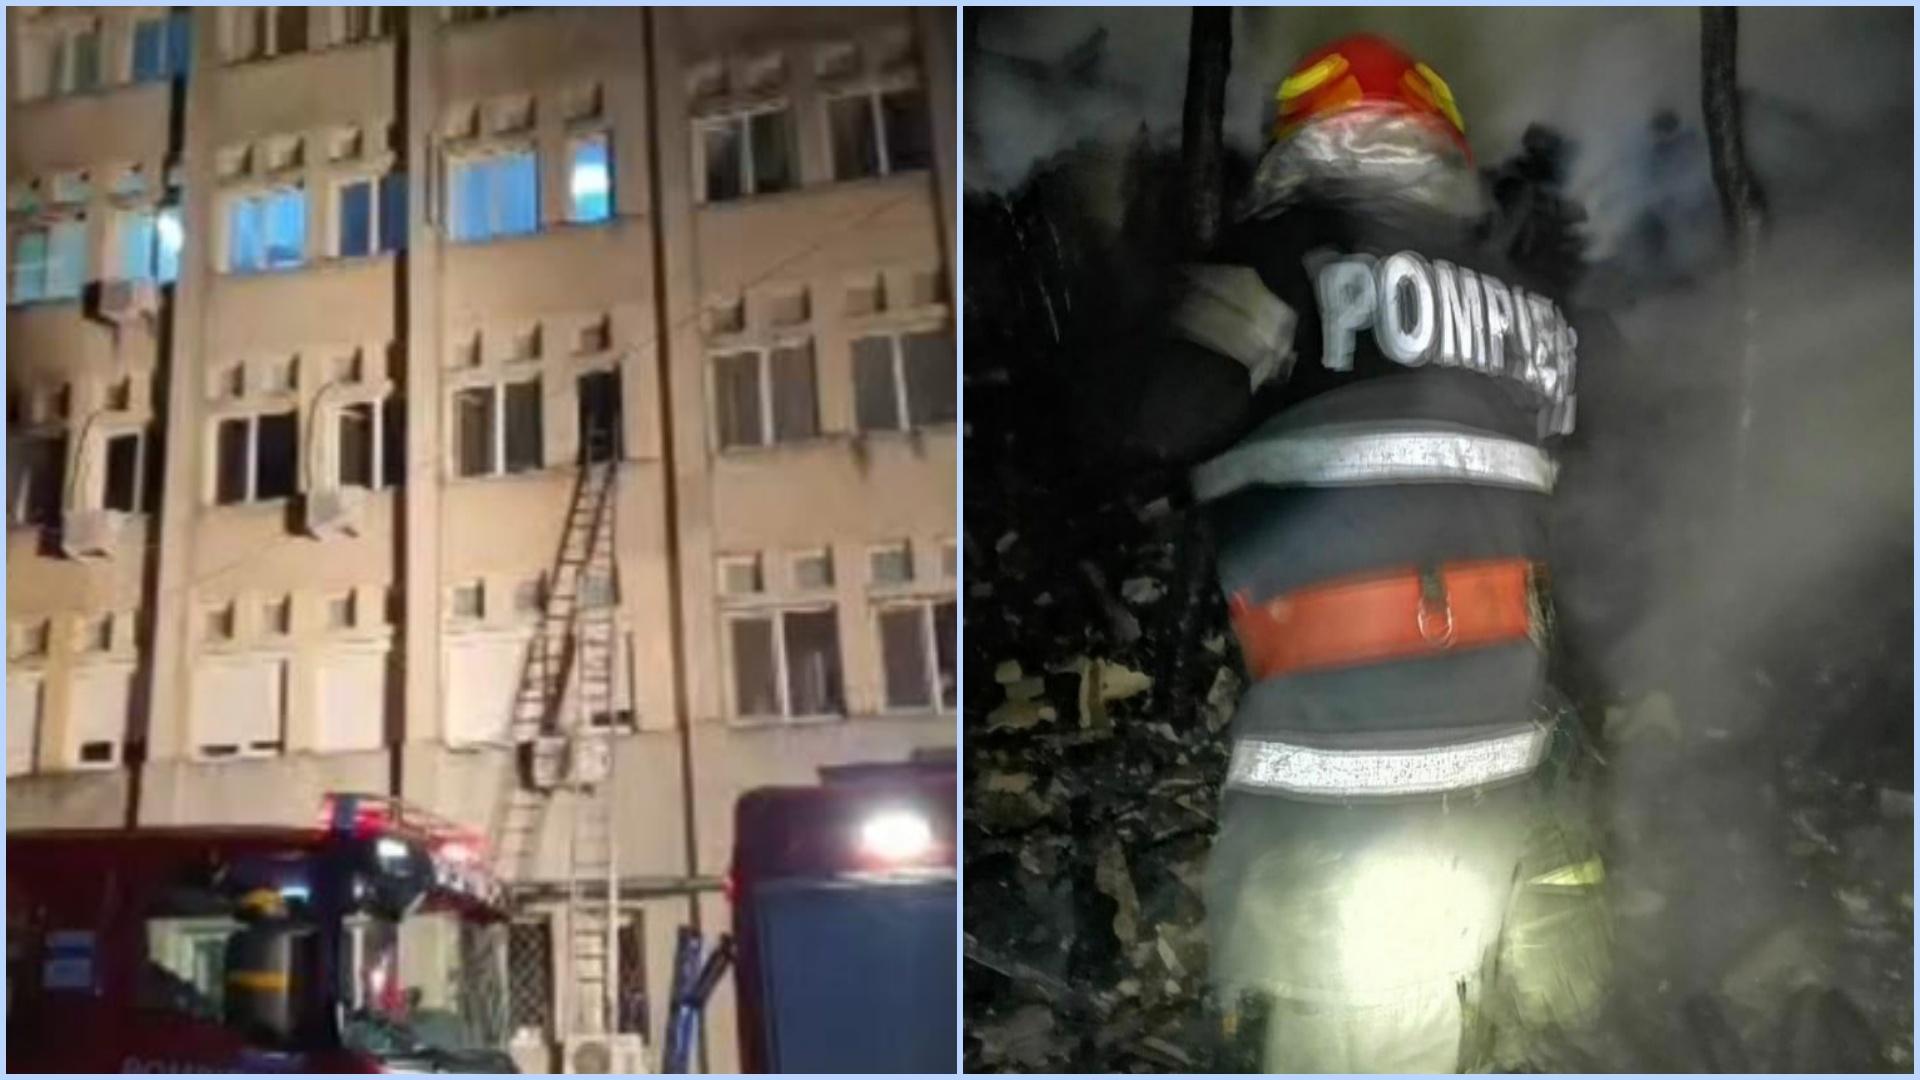 Incendiu la secția de ATI din Spitalul Județean Neamț. Cel puțin 7 morți